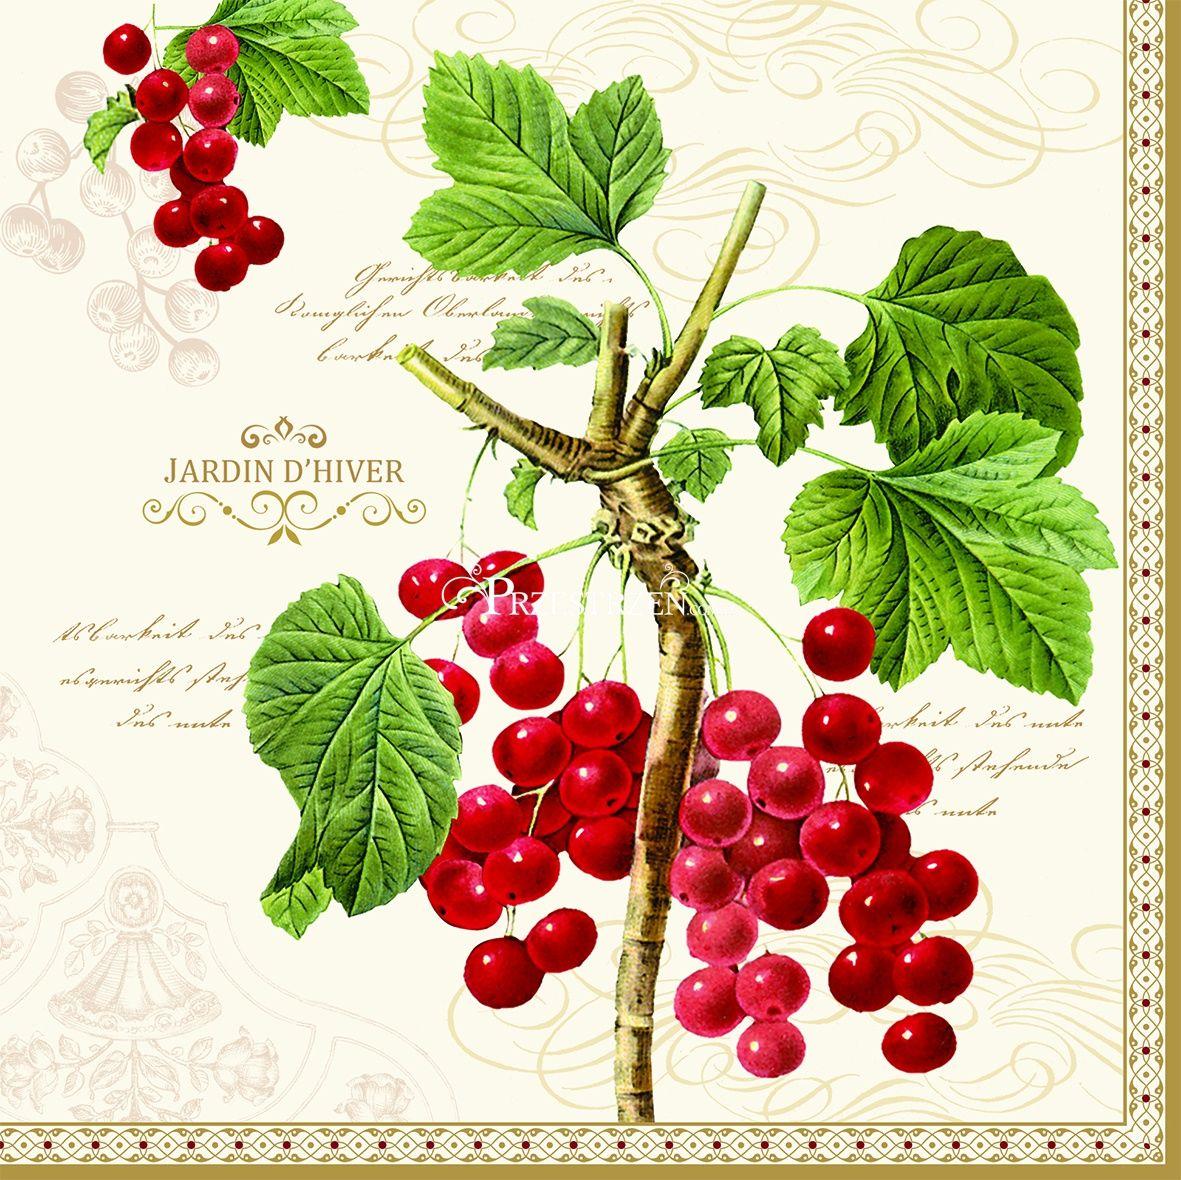 SERWETKI PAPIEROWE Botanical Art - Czerwona Porzeczka